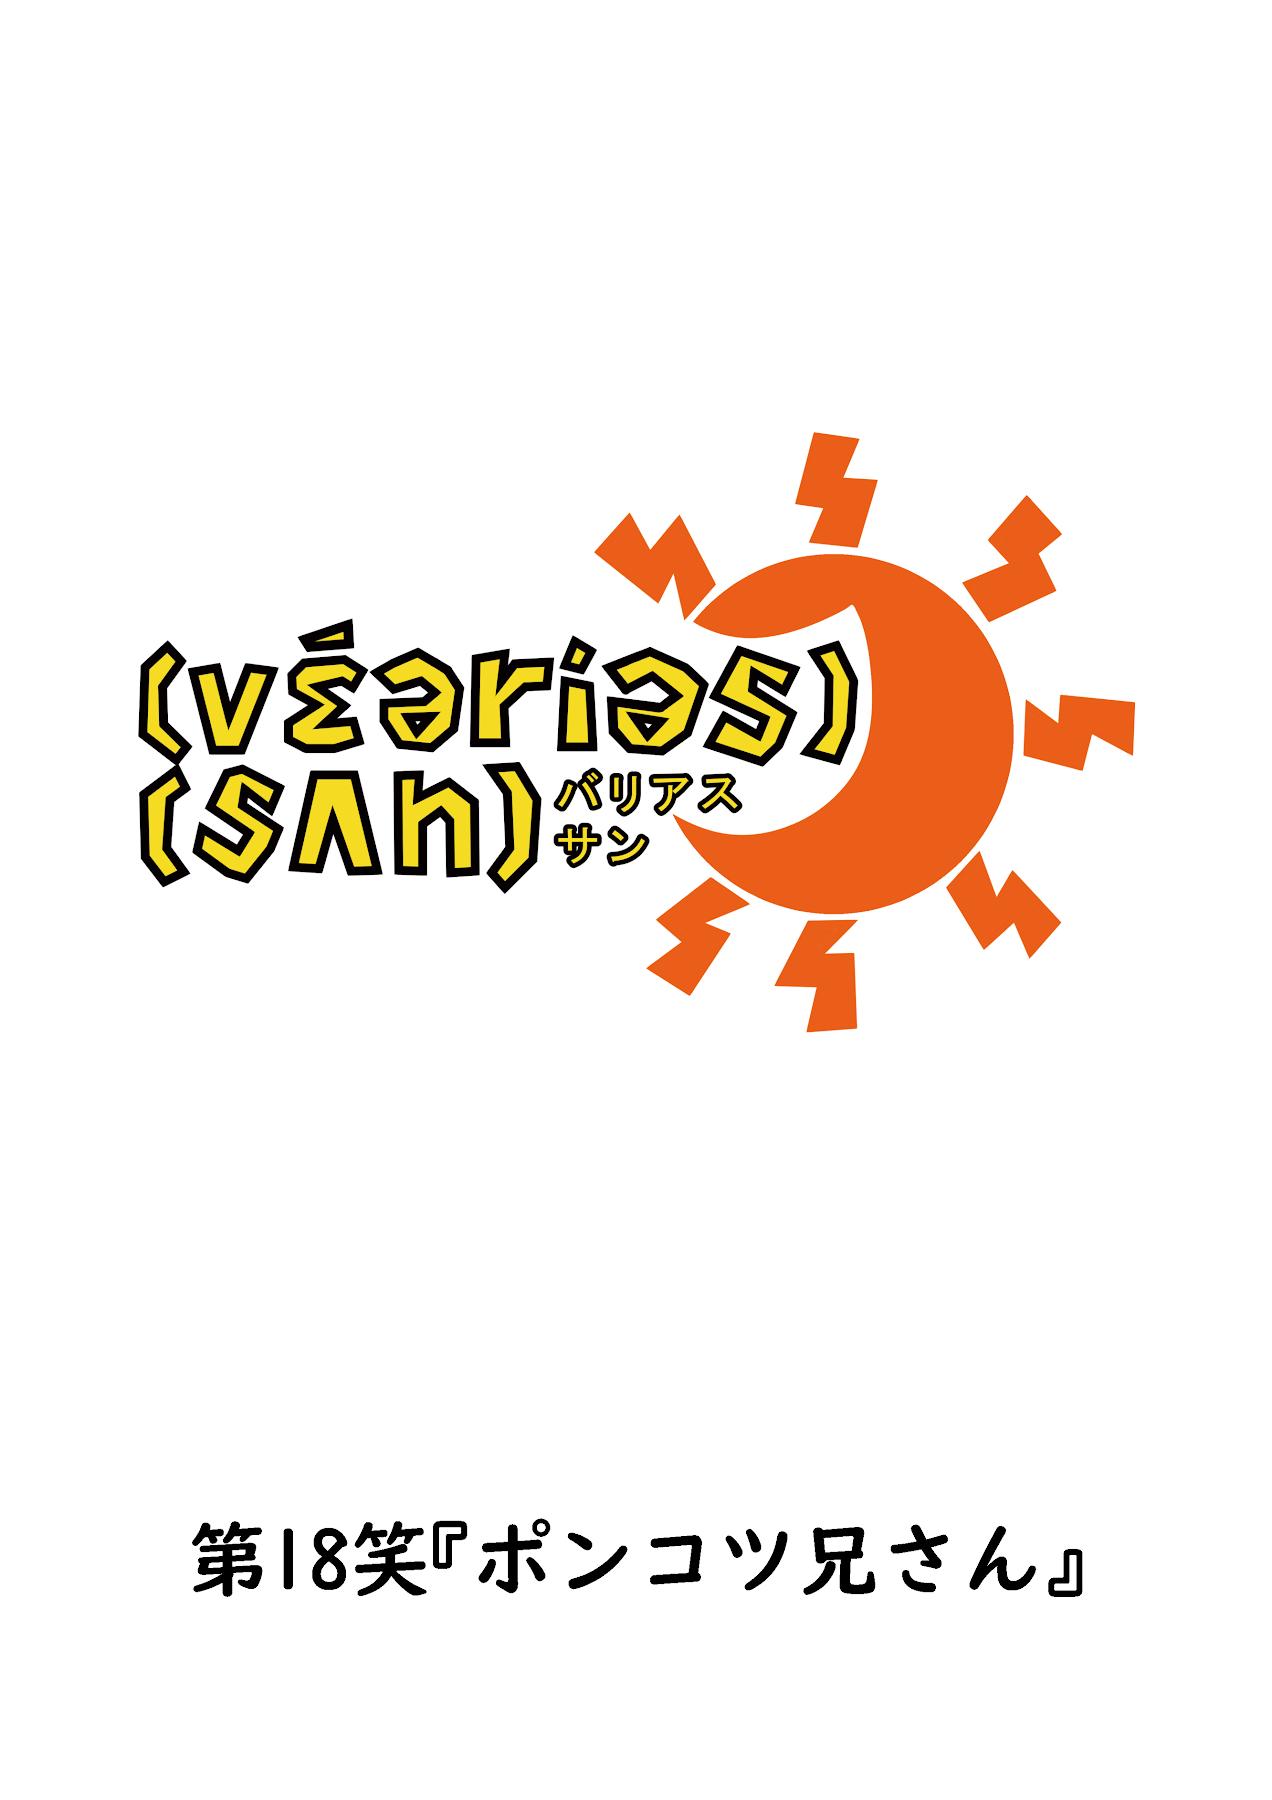 バリアス・サン18_1